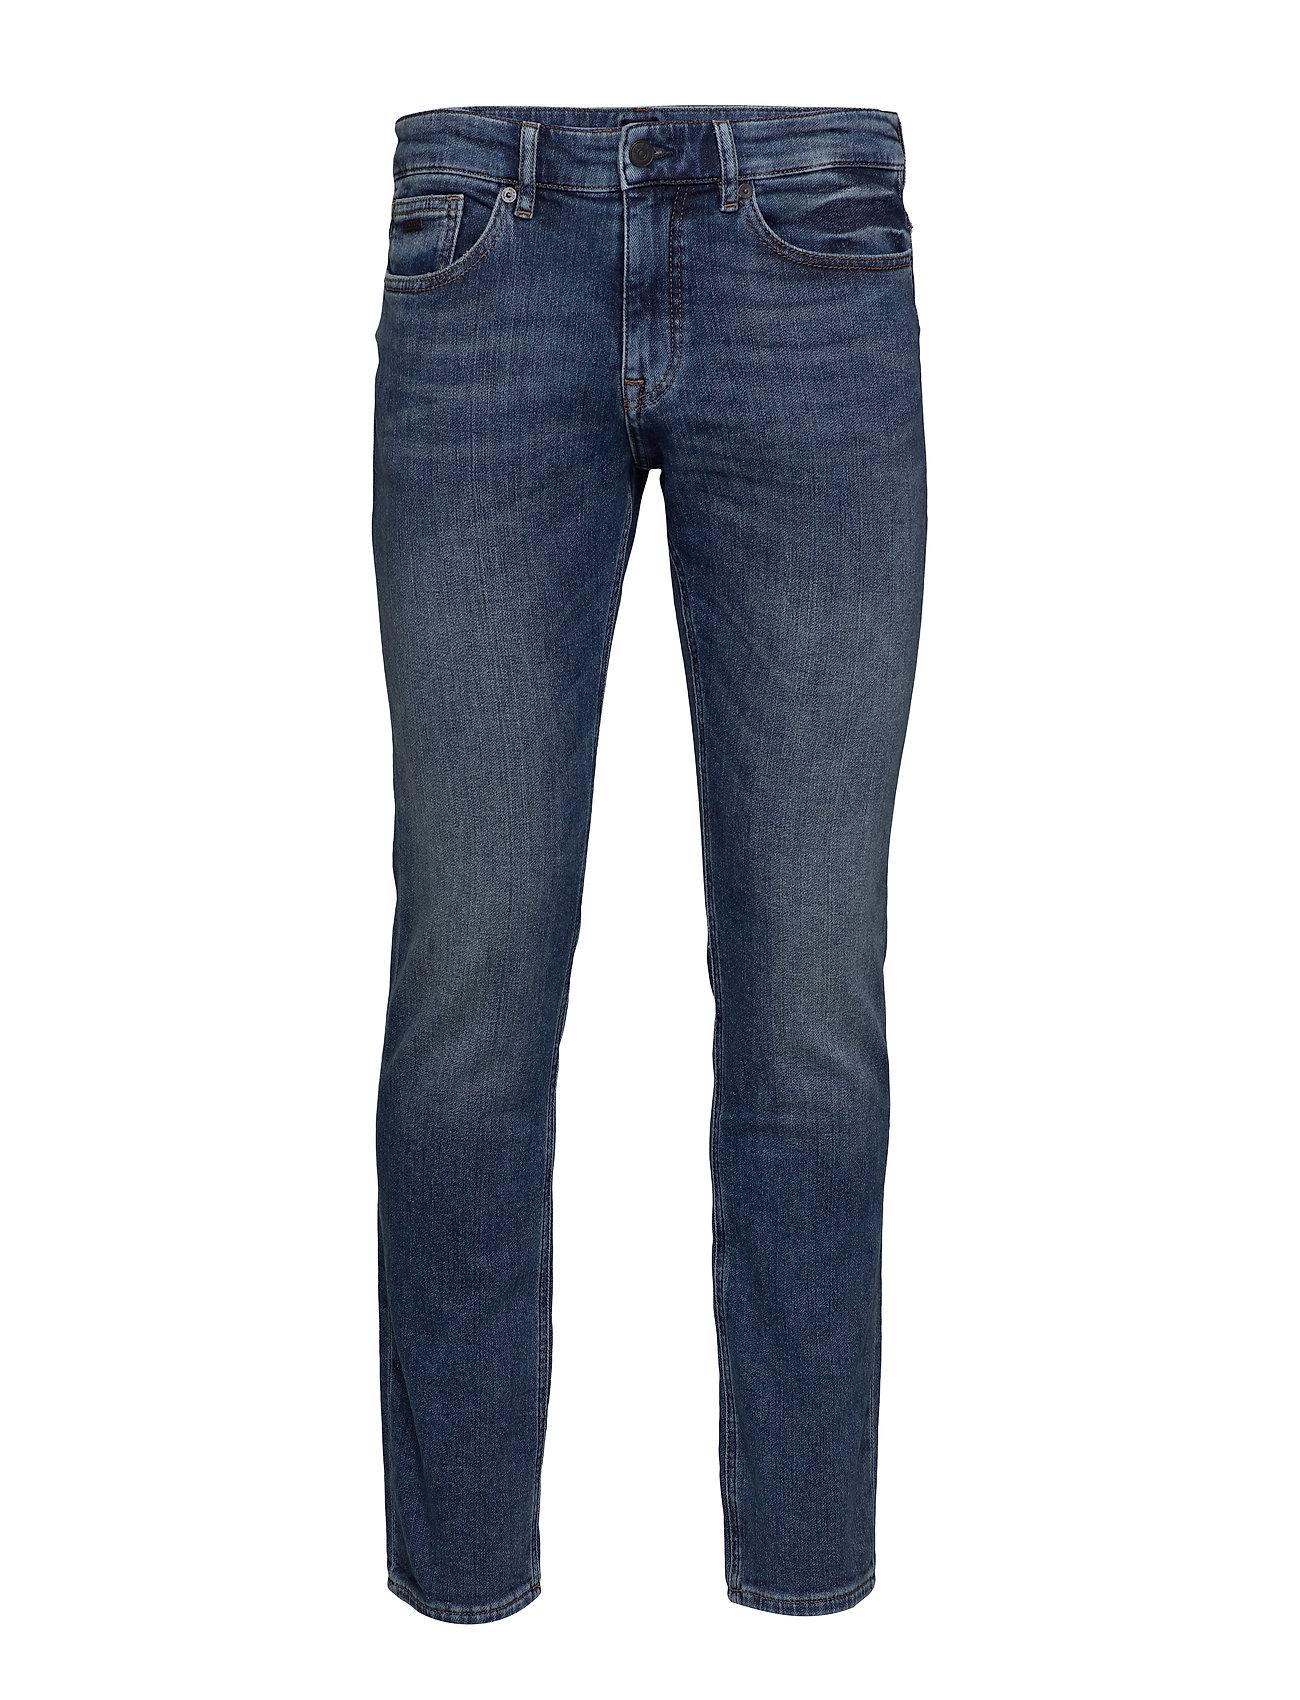 Boss Casual Wear Delaware BC-L-P - MEDIUM BLUE